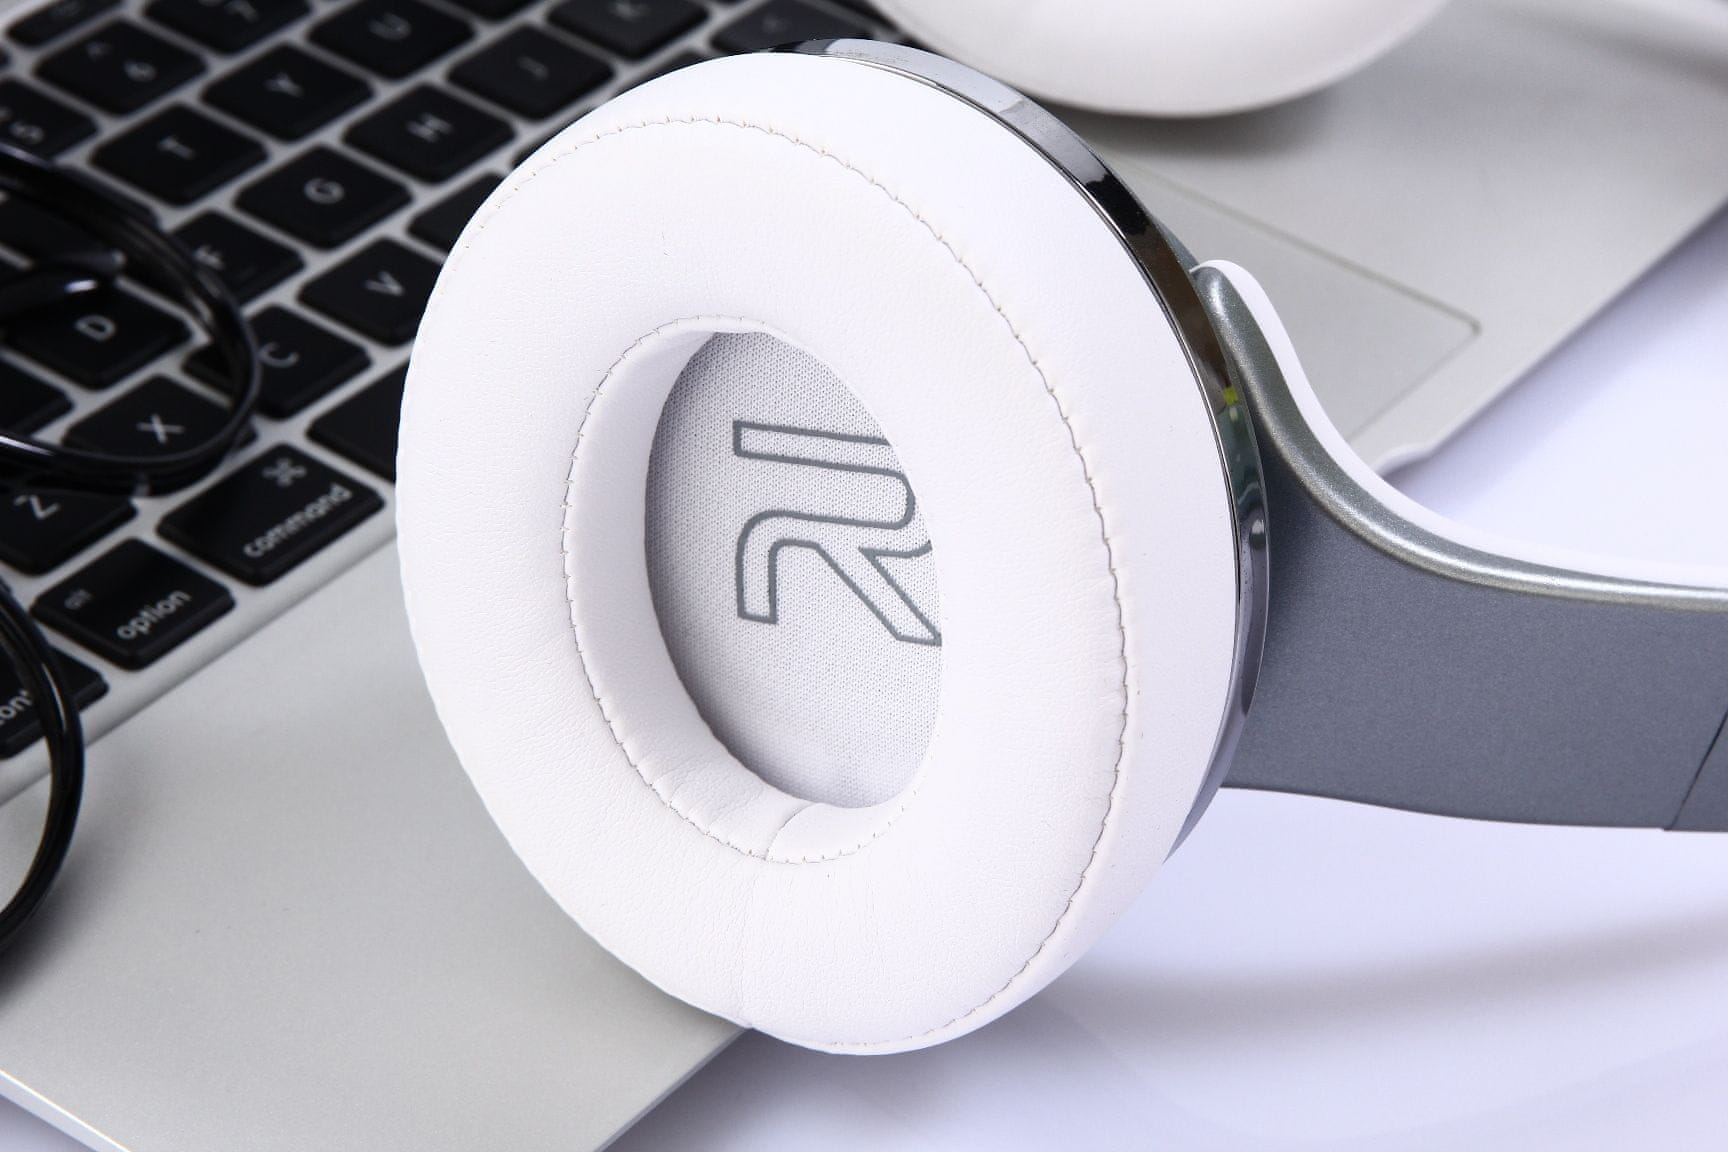 bezprzewodowe Słuchawki bluetooth głośnik Evolveo SupremeSound E9 dotykowy mikrofon tryb głośnomówiący sterowanie dotykowe na słuchawce